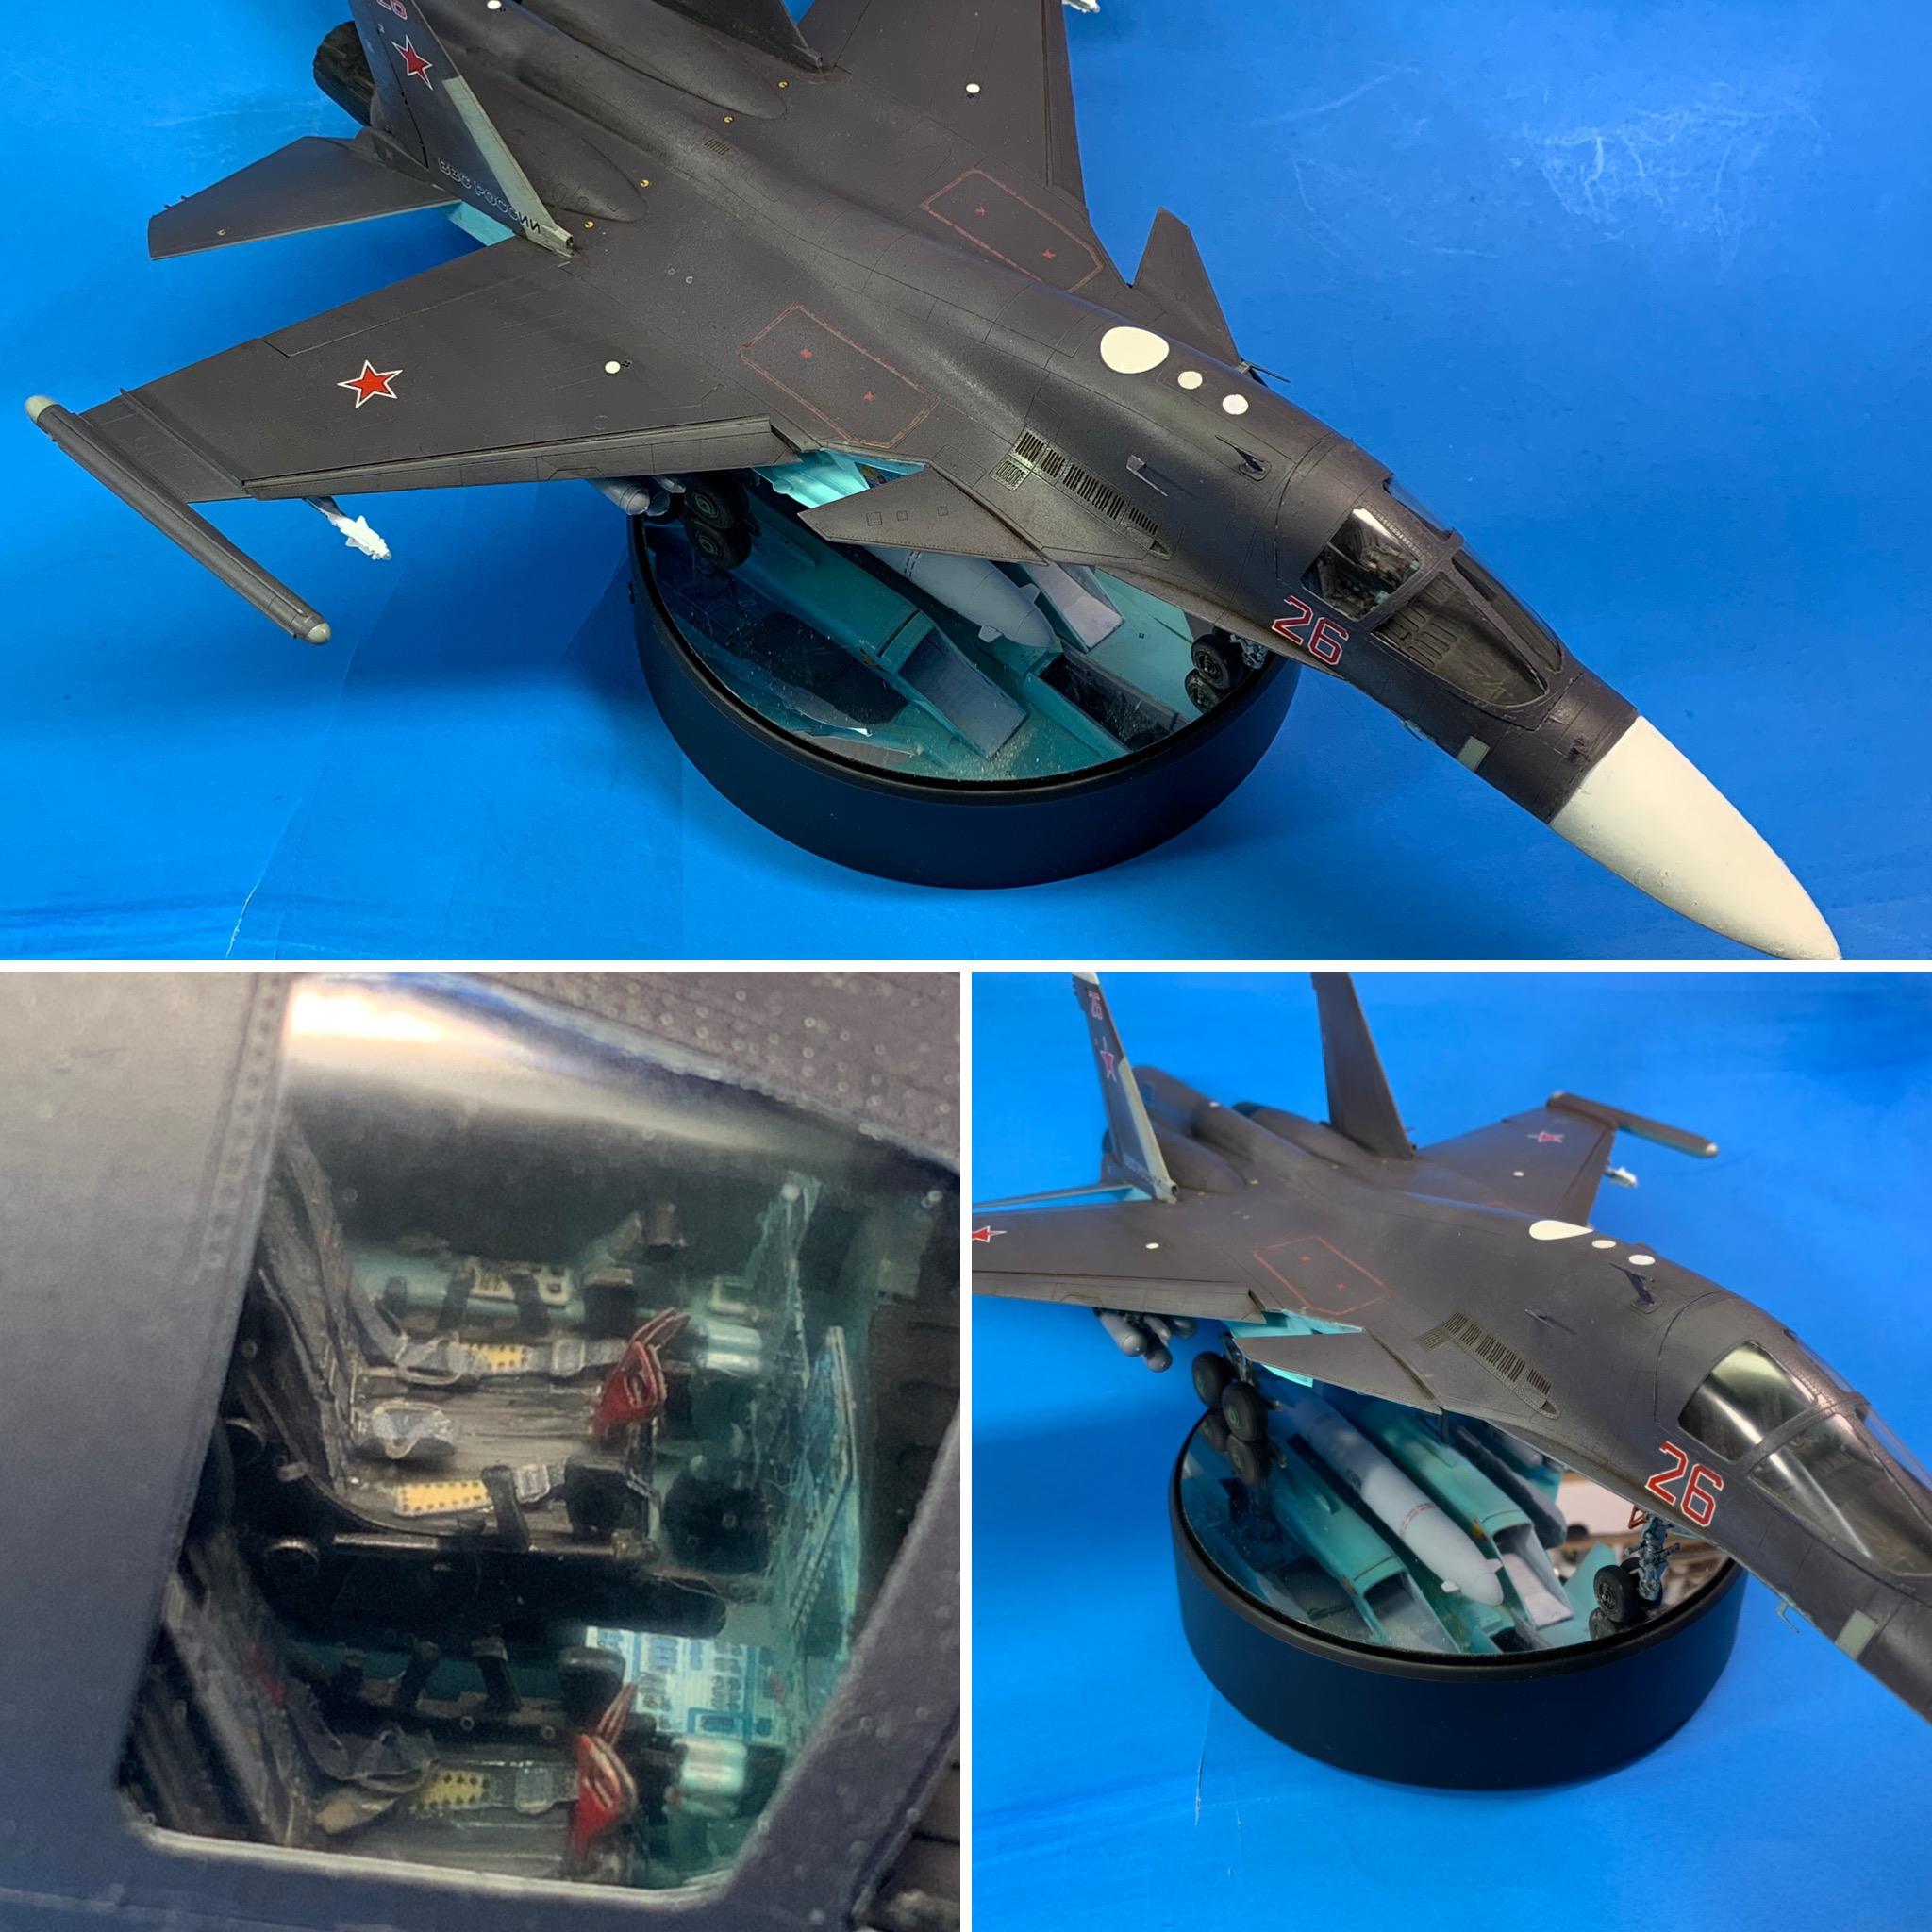 E9EC4A80-0A1E-48F8-BD9B-6203BBC719A9.jpg